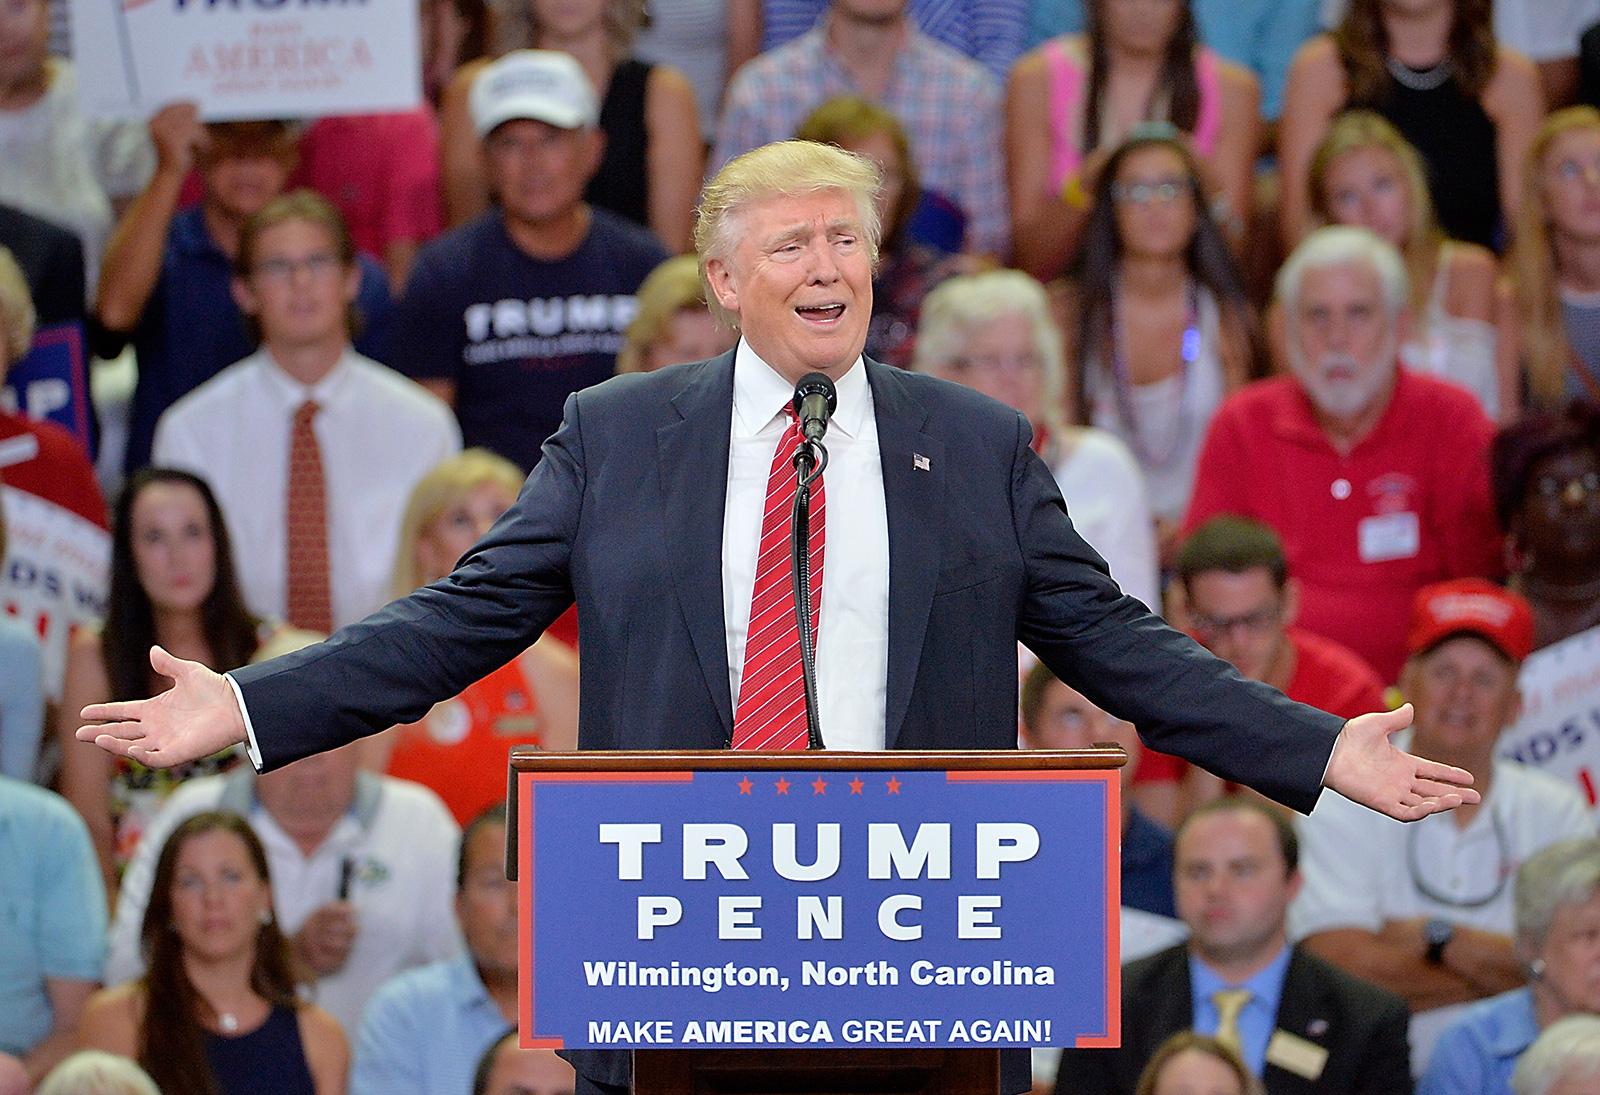 Donald Trump & Donald Drumpf